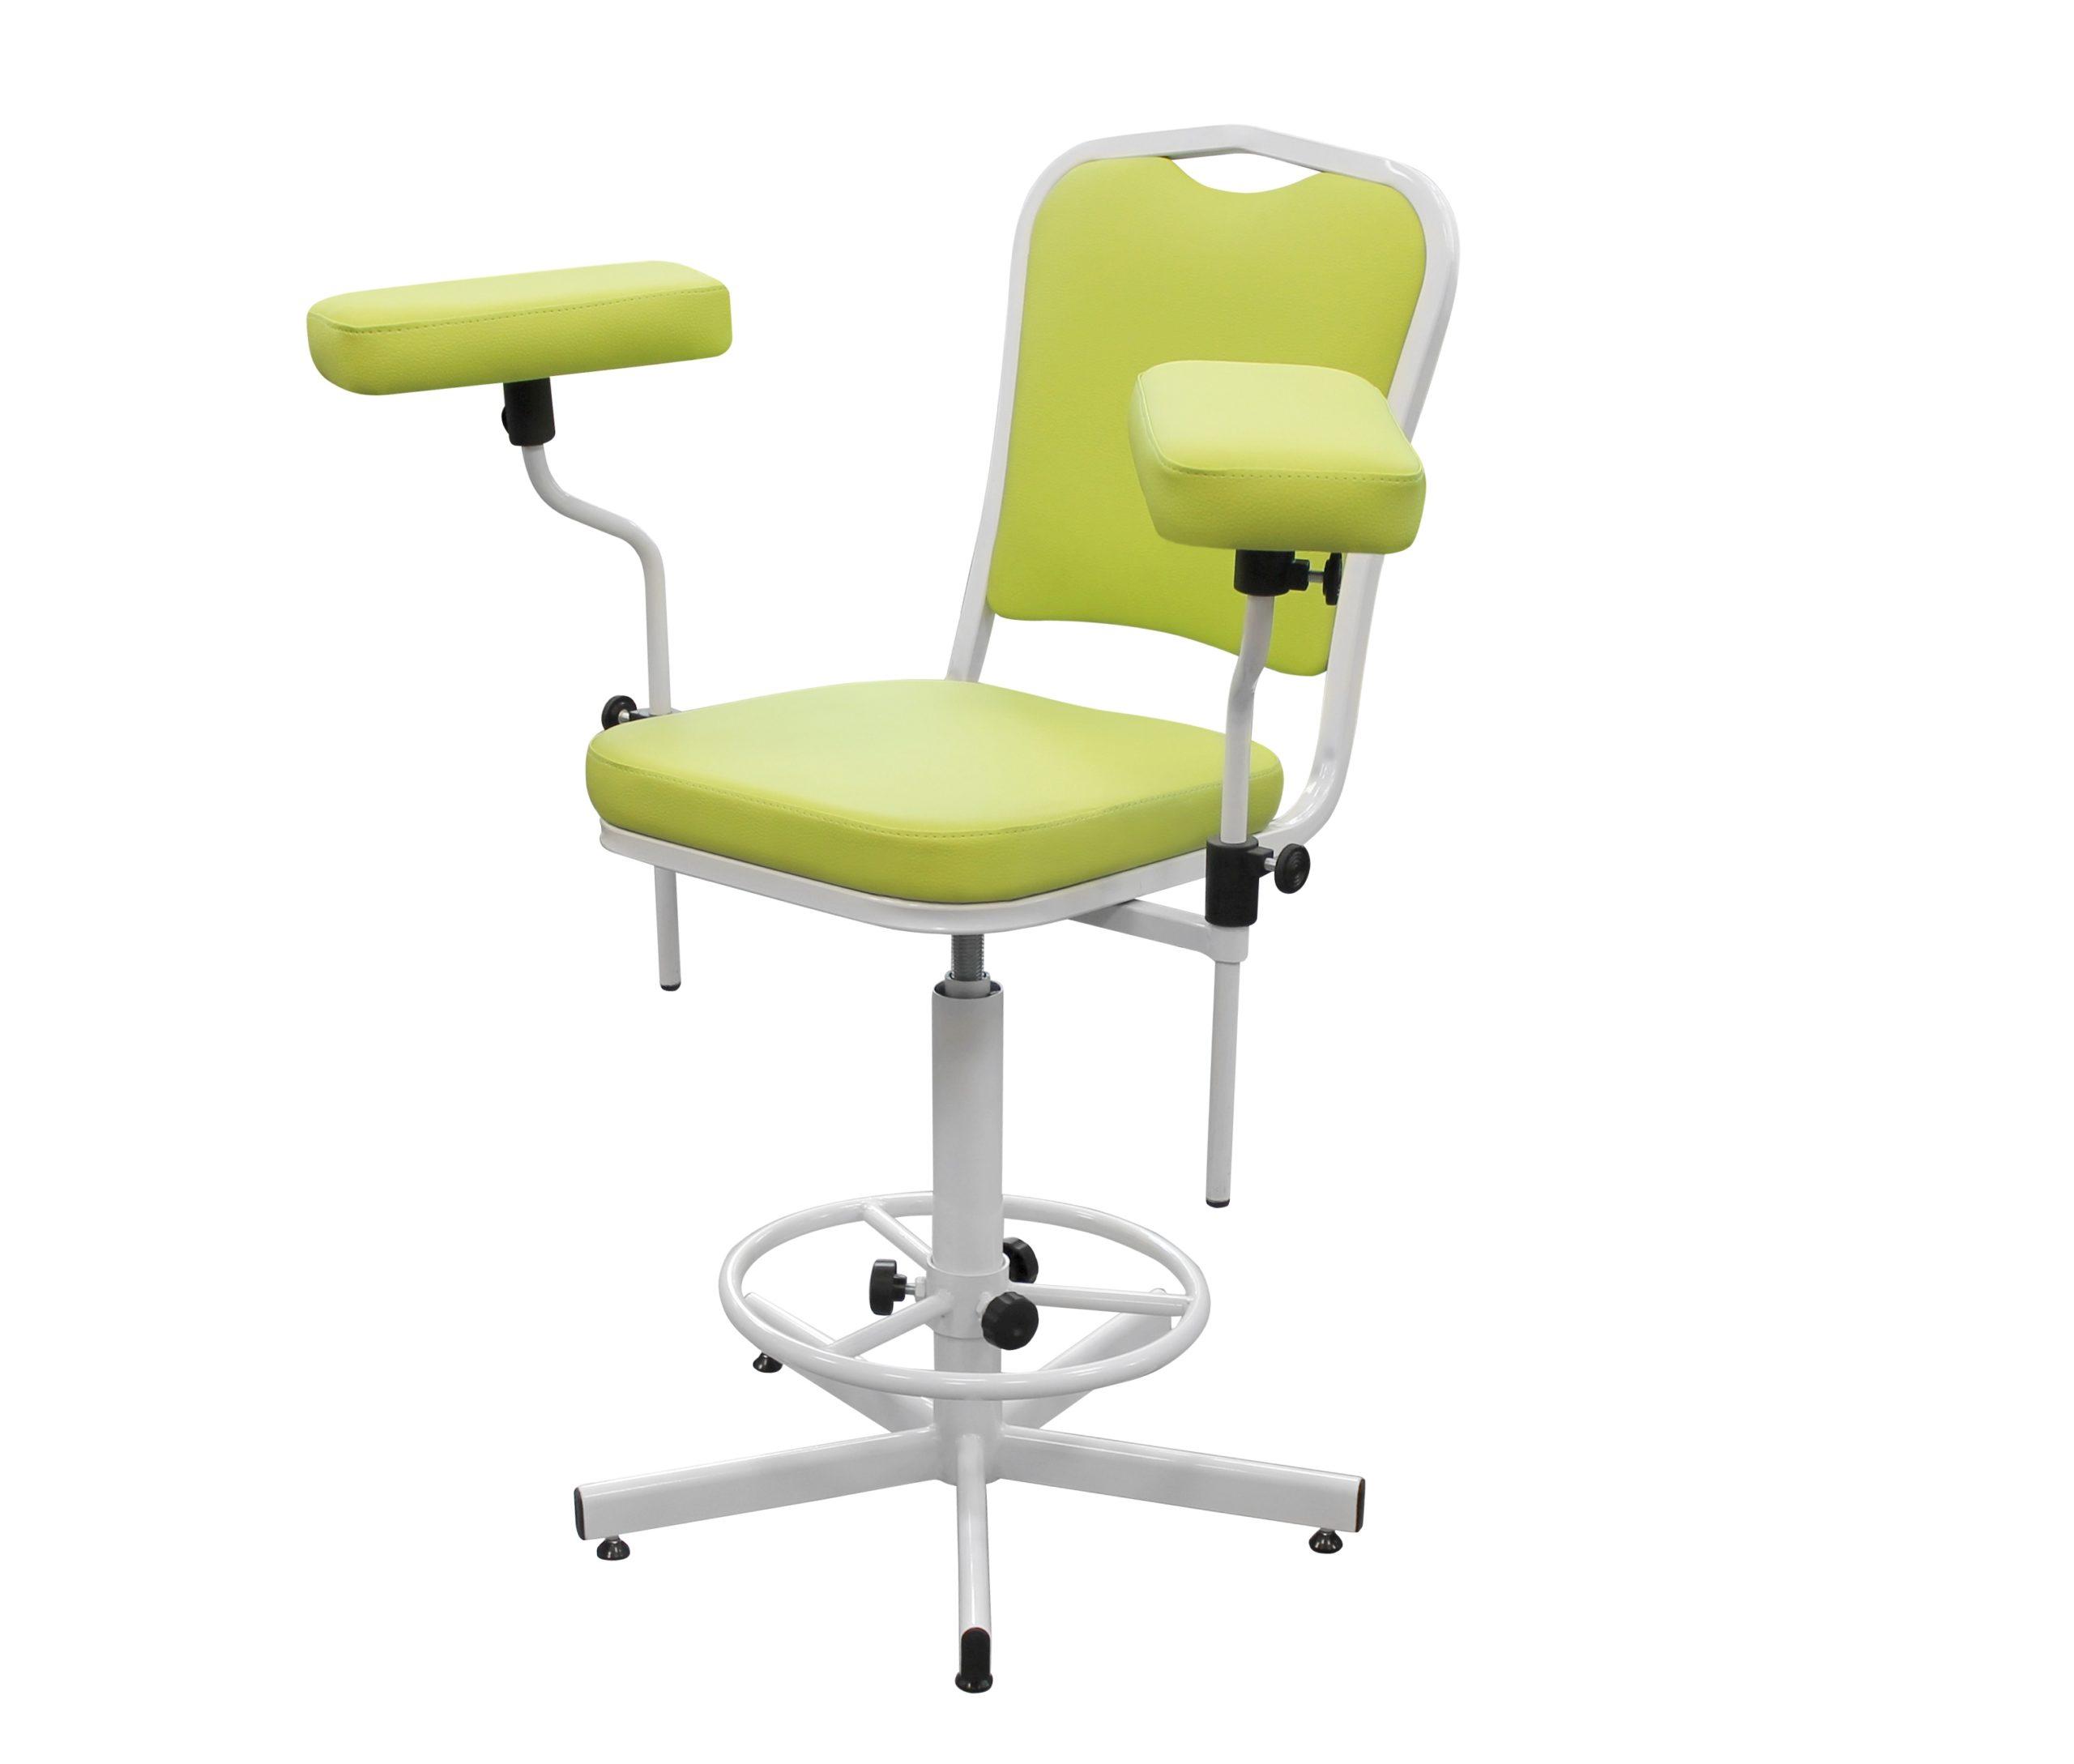 Кресло с подлокотником для забора венозной крови и внутривенных инъекций